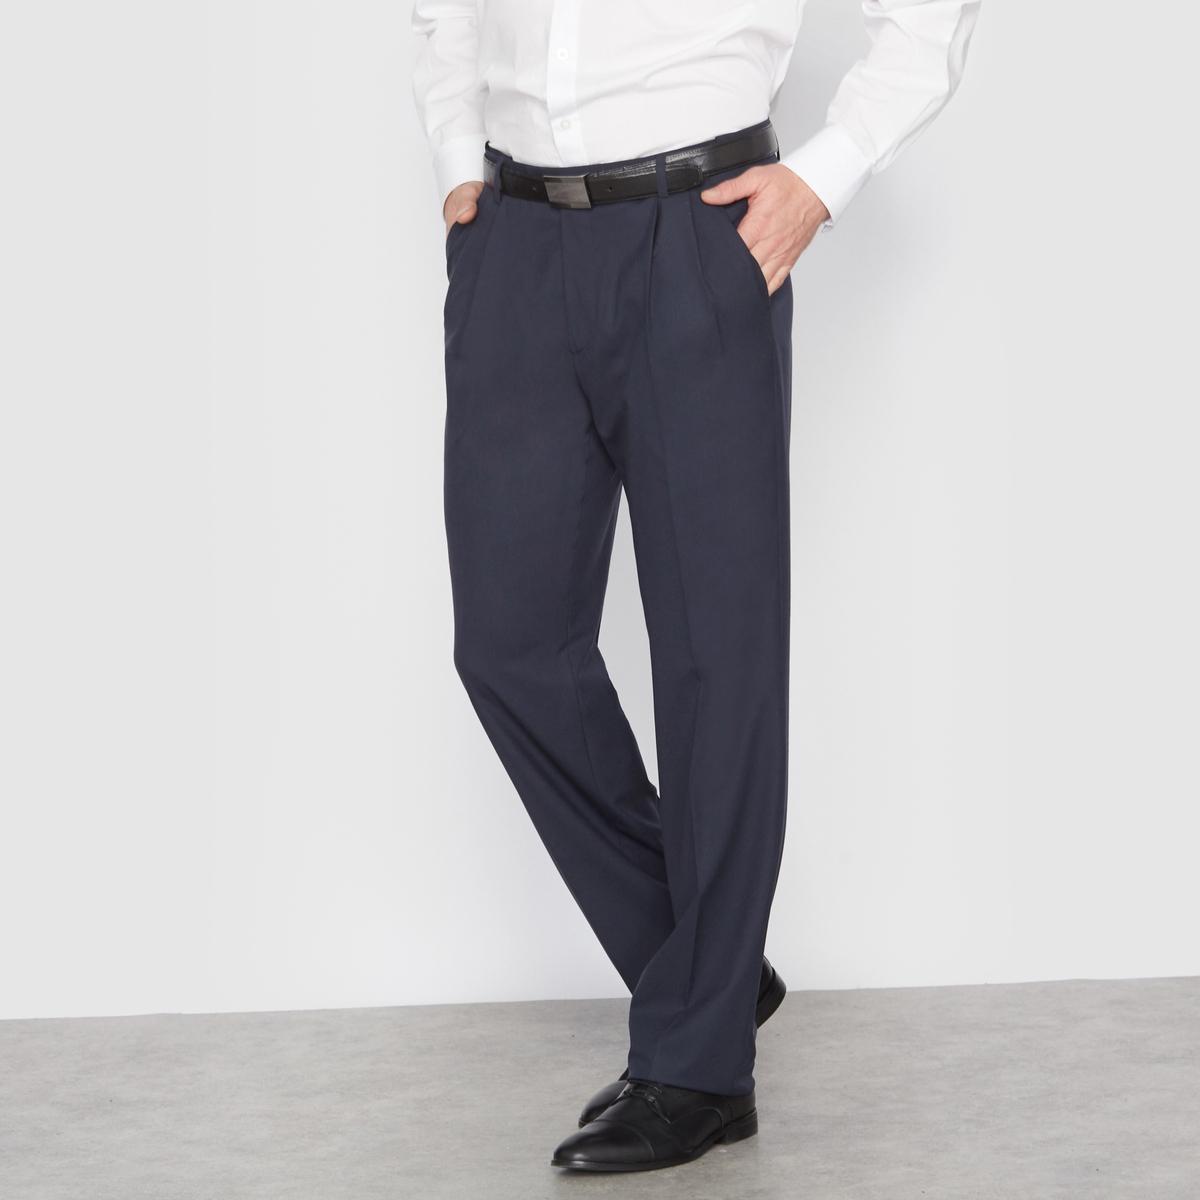 Брюки от костюма с защипами из ткани стретч, длина. 1Брюки можно носить с пиджаком, для создания элегантного и строгого ансамбля, или отдельно.Высококачественная слегка эластичная ткань, 62% полиэстера, 33% вискозы, 5% эластана. Подкладка 100% полиэстер.Длина 1 (при росте до 187 см).Пояс с потайной регулировкой для максимального комфорта и адаптации к любому обхвату талии. Застежка на молнию, пуговицу и крючок. 2 косых кармана. 1 прорезной карман с пуговицей сзади. Необработанный низ. Длина 1 (при росте до 187 см) :- Длина по внутр.шву : 84,8-87,8 см, в зависимости от размера. - Ширина по низу : 21,9-27,9 см, в зависимости от размера. Есть также модель длины 2 : при росте от 187 см. Есть также модель без защипов.<br><br>Цвет: антрацит,темно-синий,черный<br>Размер: 56.62.66.44 (FR) - 50 (RUS).48 (FR) - 54 (RUS).54.60.62.44 (FR) - 50 (RUS).66